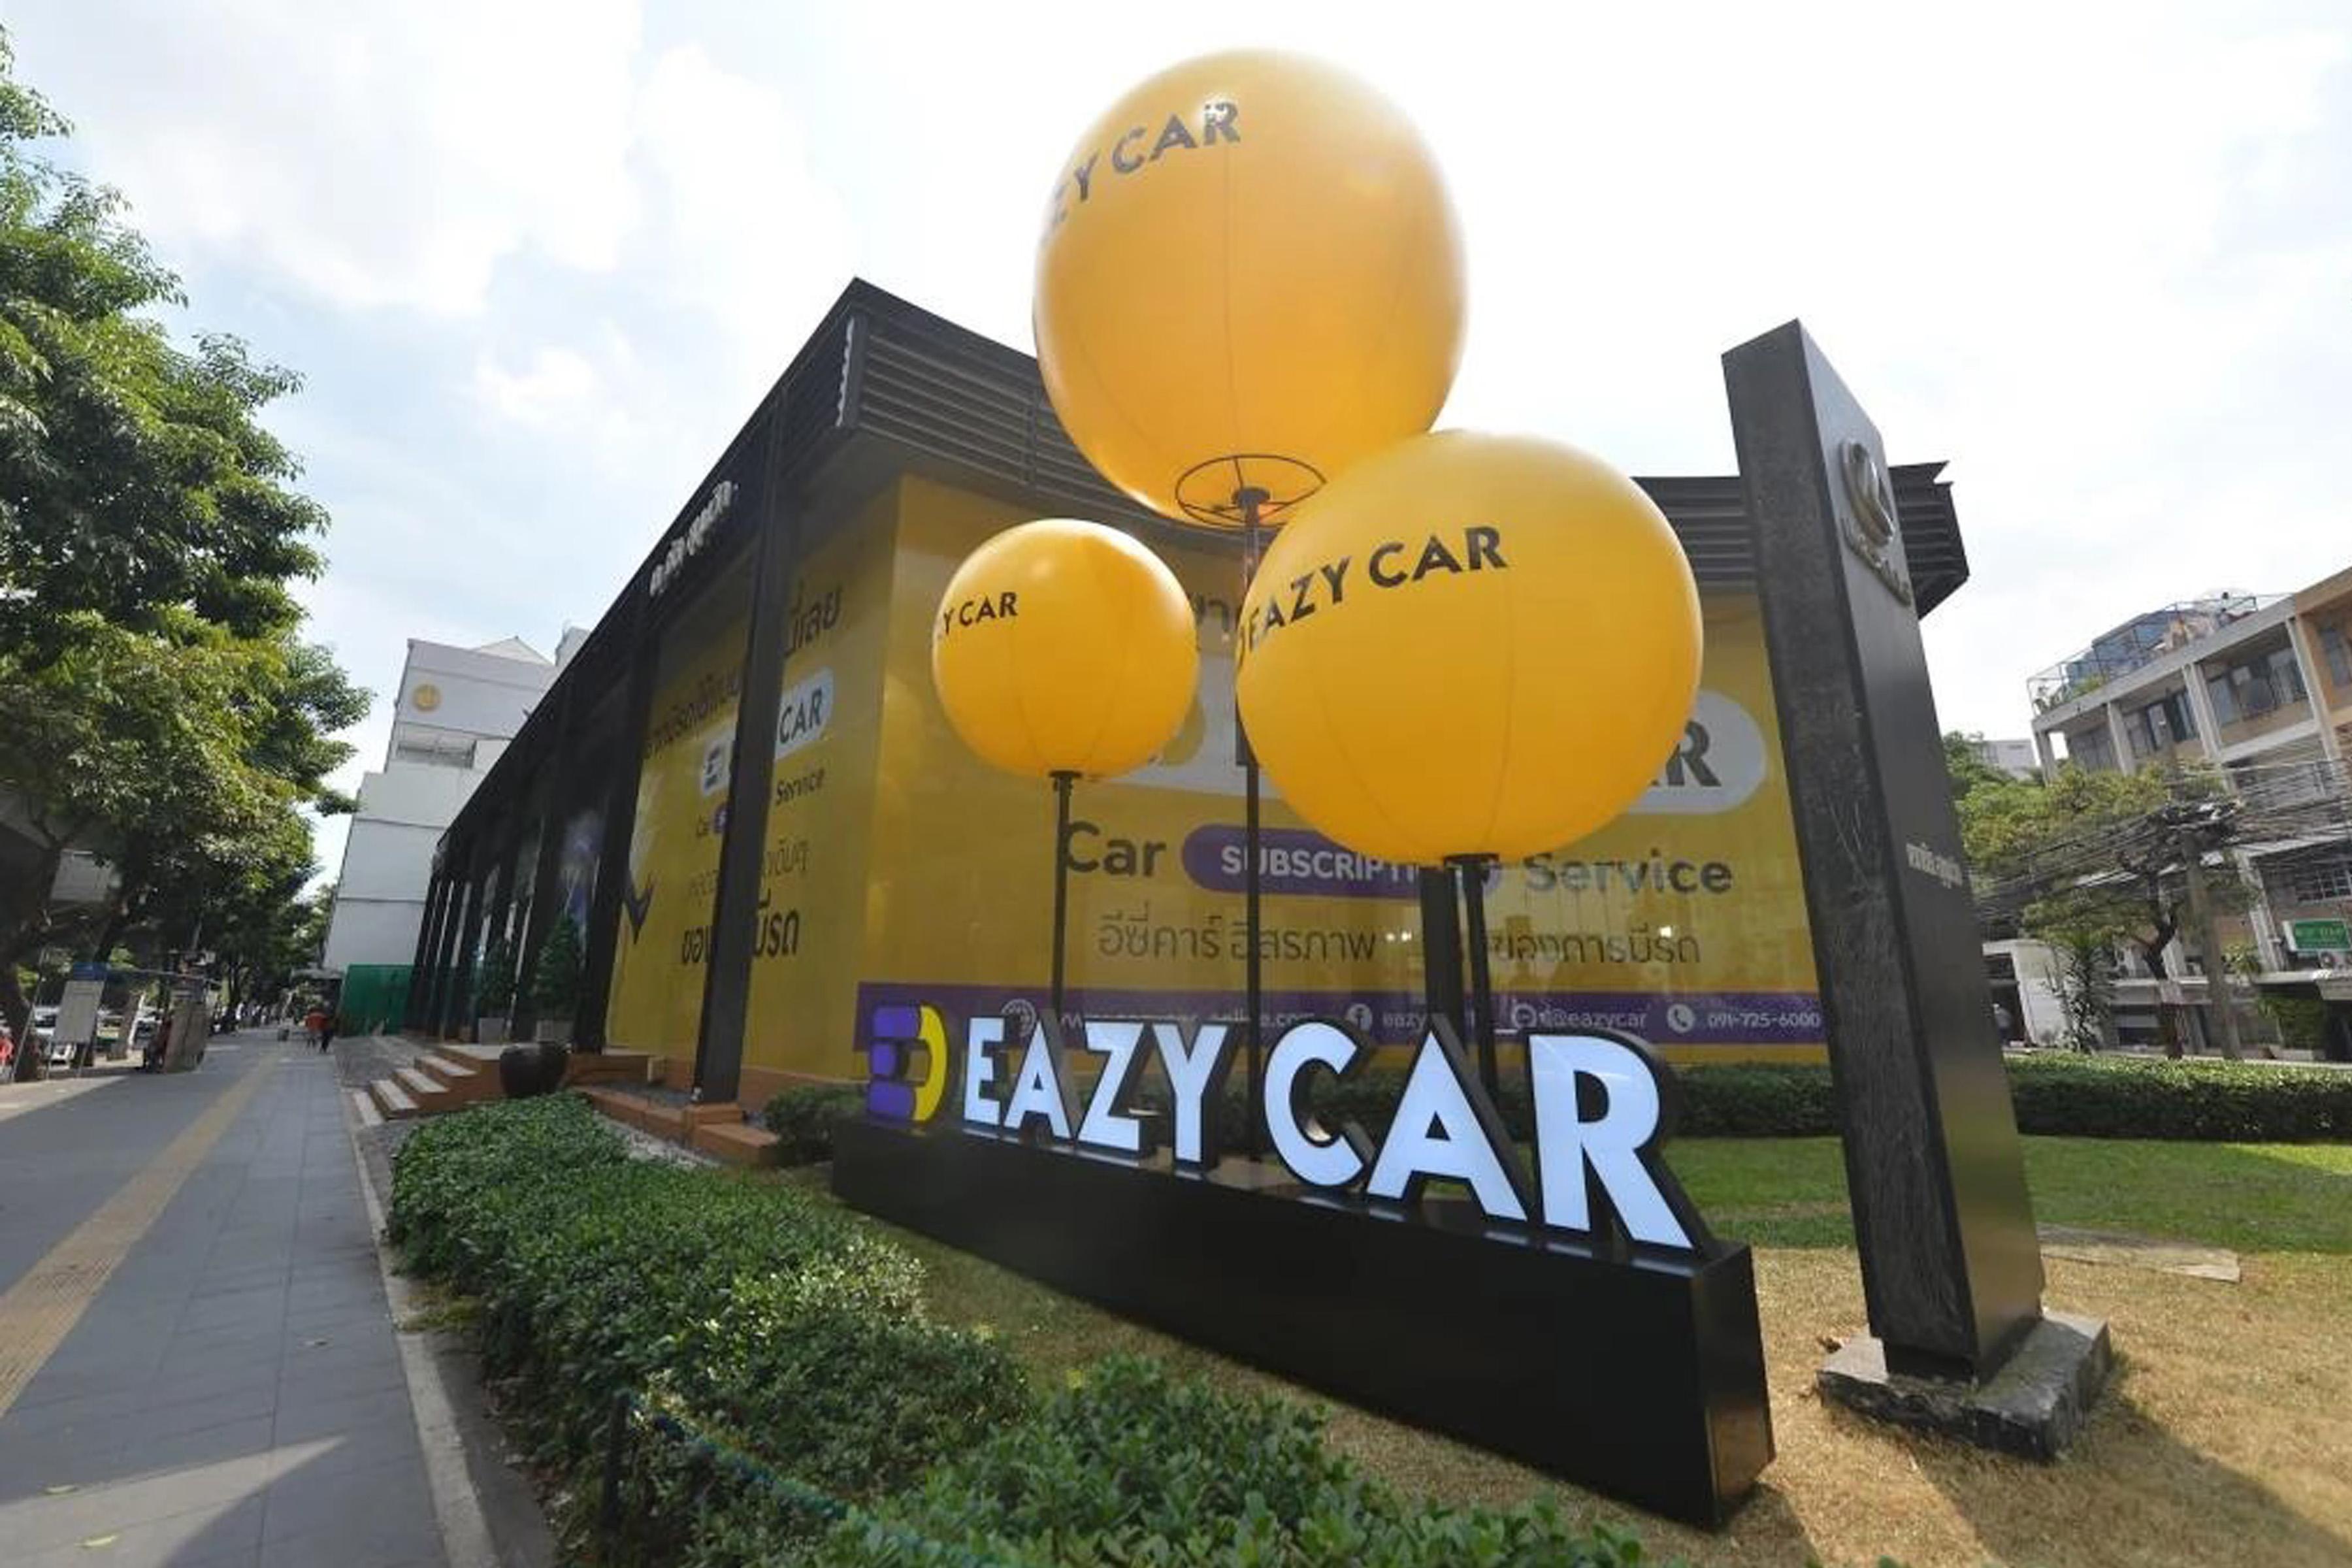 ไทยรุ่งพาร์ทเนอร์สกรุ๊ป พลิกโฉมองค์กรสู่ Beyond Automotive Provider ได้แรงสนับสนุนจาก OutSystems นำส่งบริการใหม่ ๆ บนดิจิทัลแพลตฟอร์มให้ลูกค้าอย่างมีประสิทธิภาพ